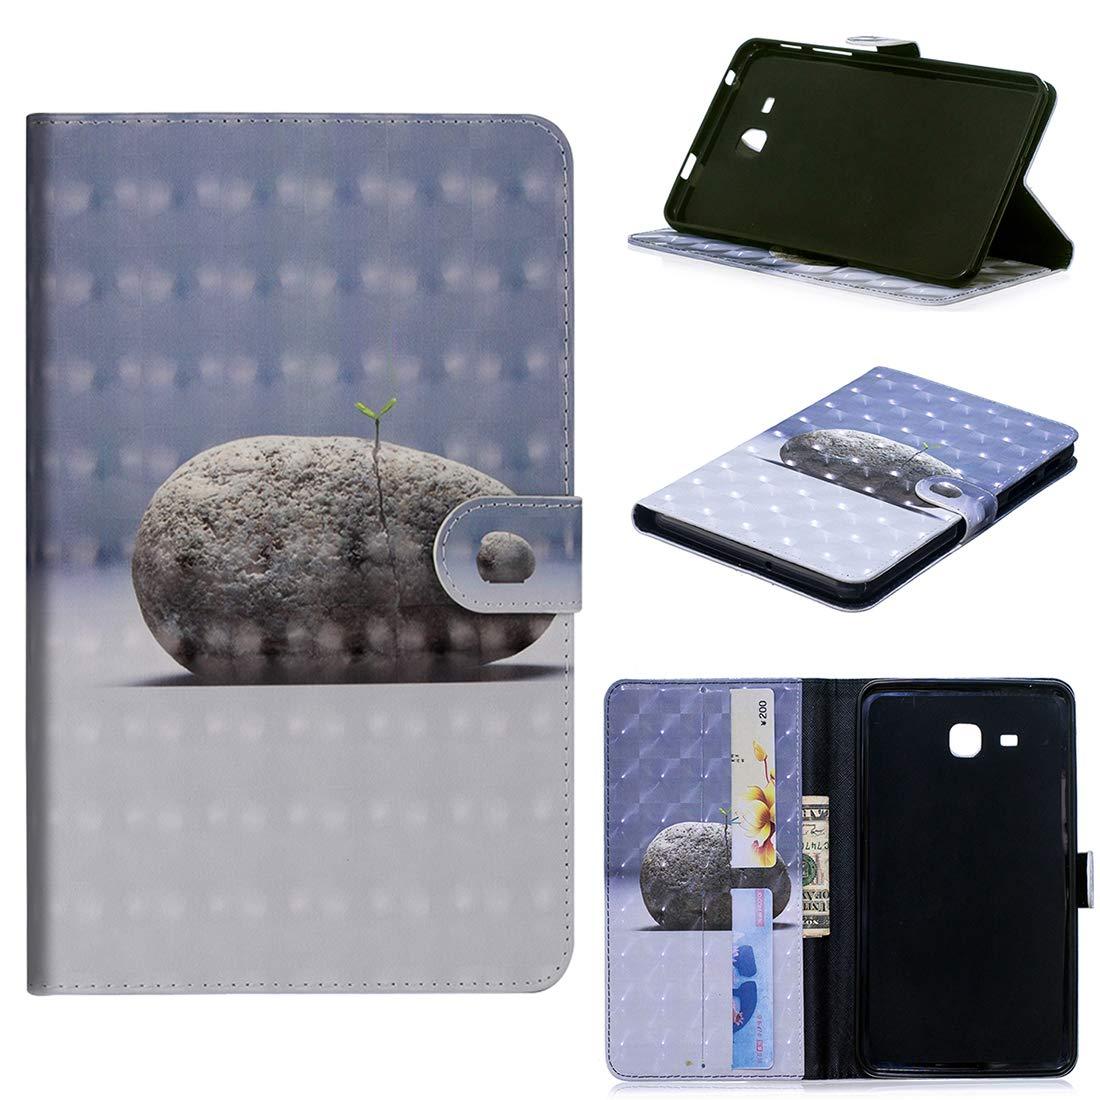 Lyzwn Samsung Galaxy Tab E 9.6 inch (SM-T560/SM-T561) Étui Housse Coque Smart Case Cover Stand, Protection avec Support Multi Angles de Fonction Intelligente Veille/Réveil Automatique